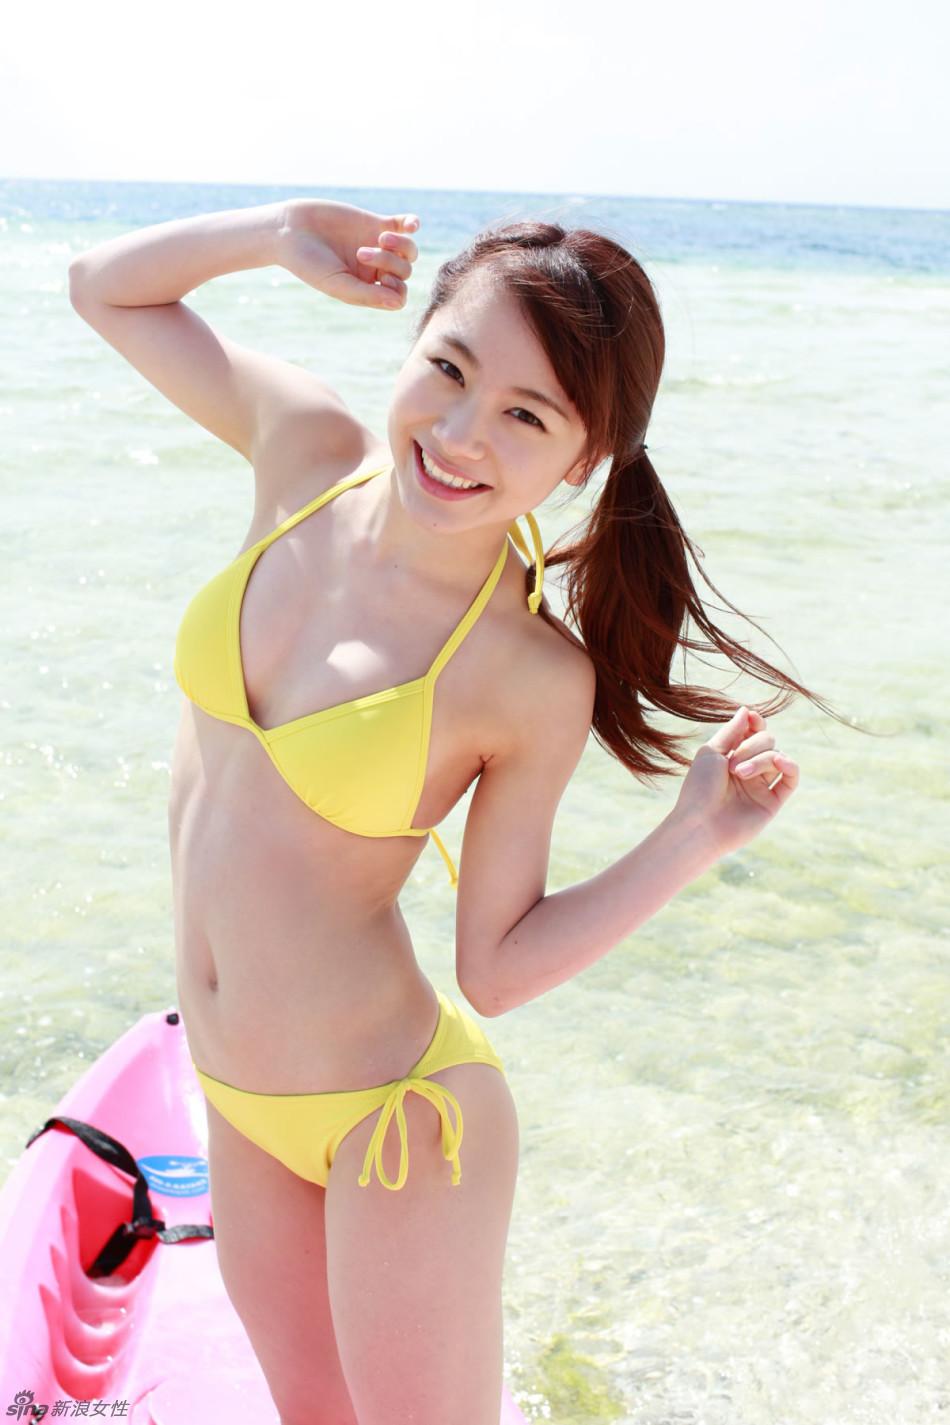 日本97年萌妹石田亚佑美泳装写真 清纯性感